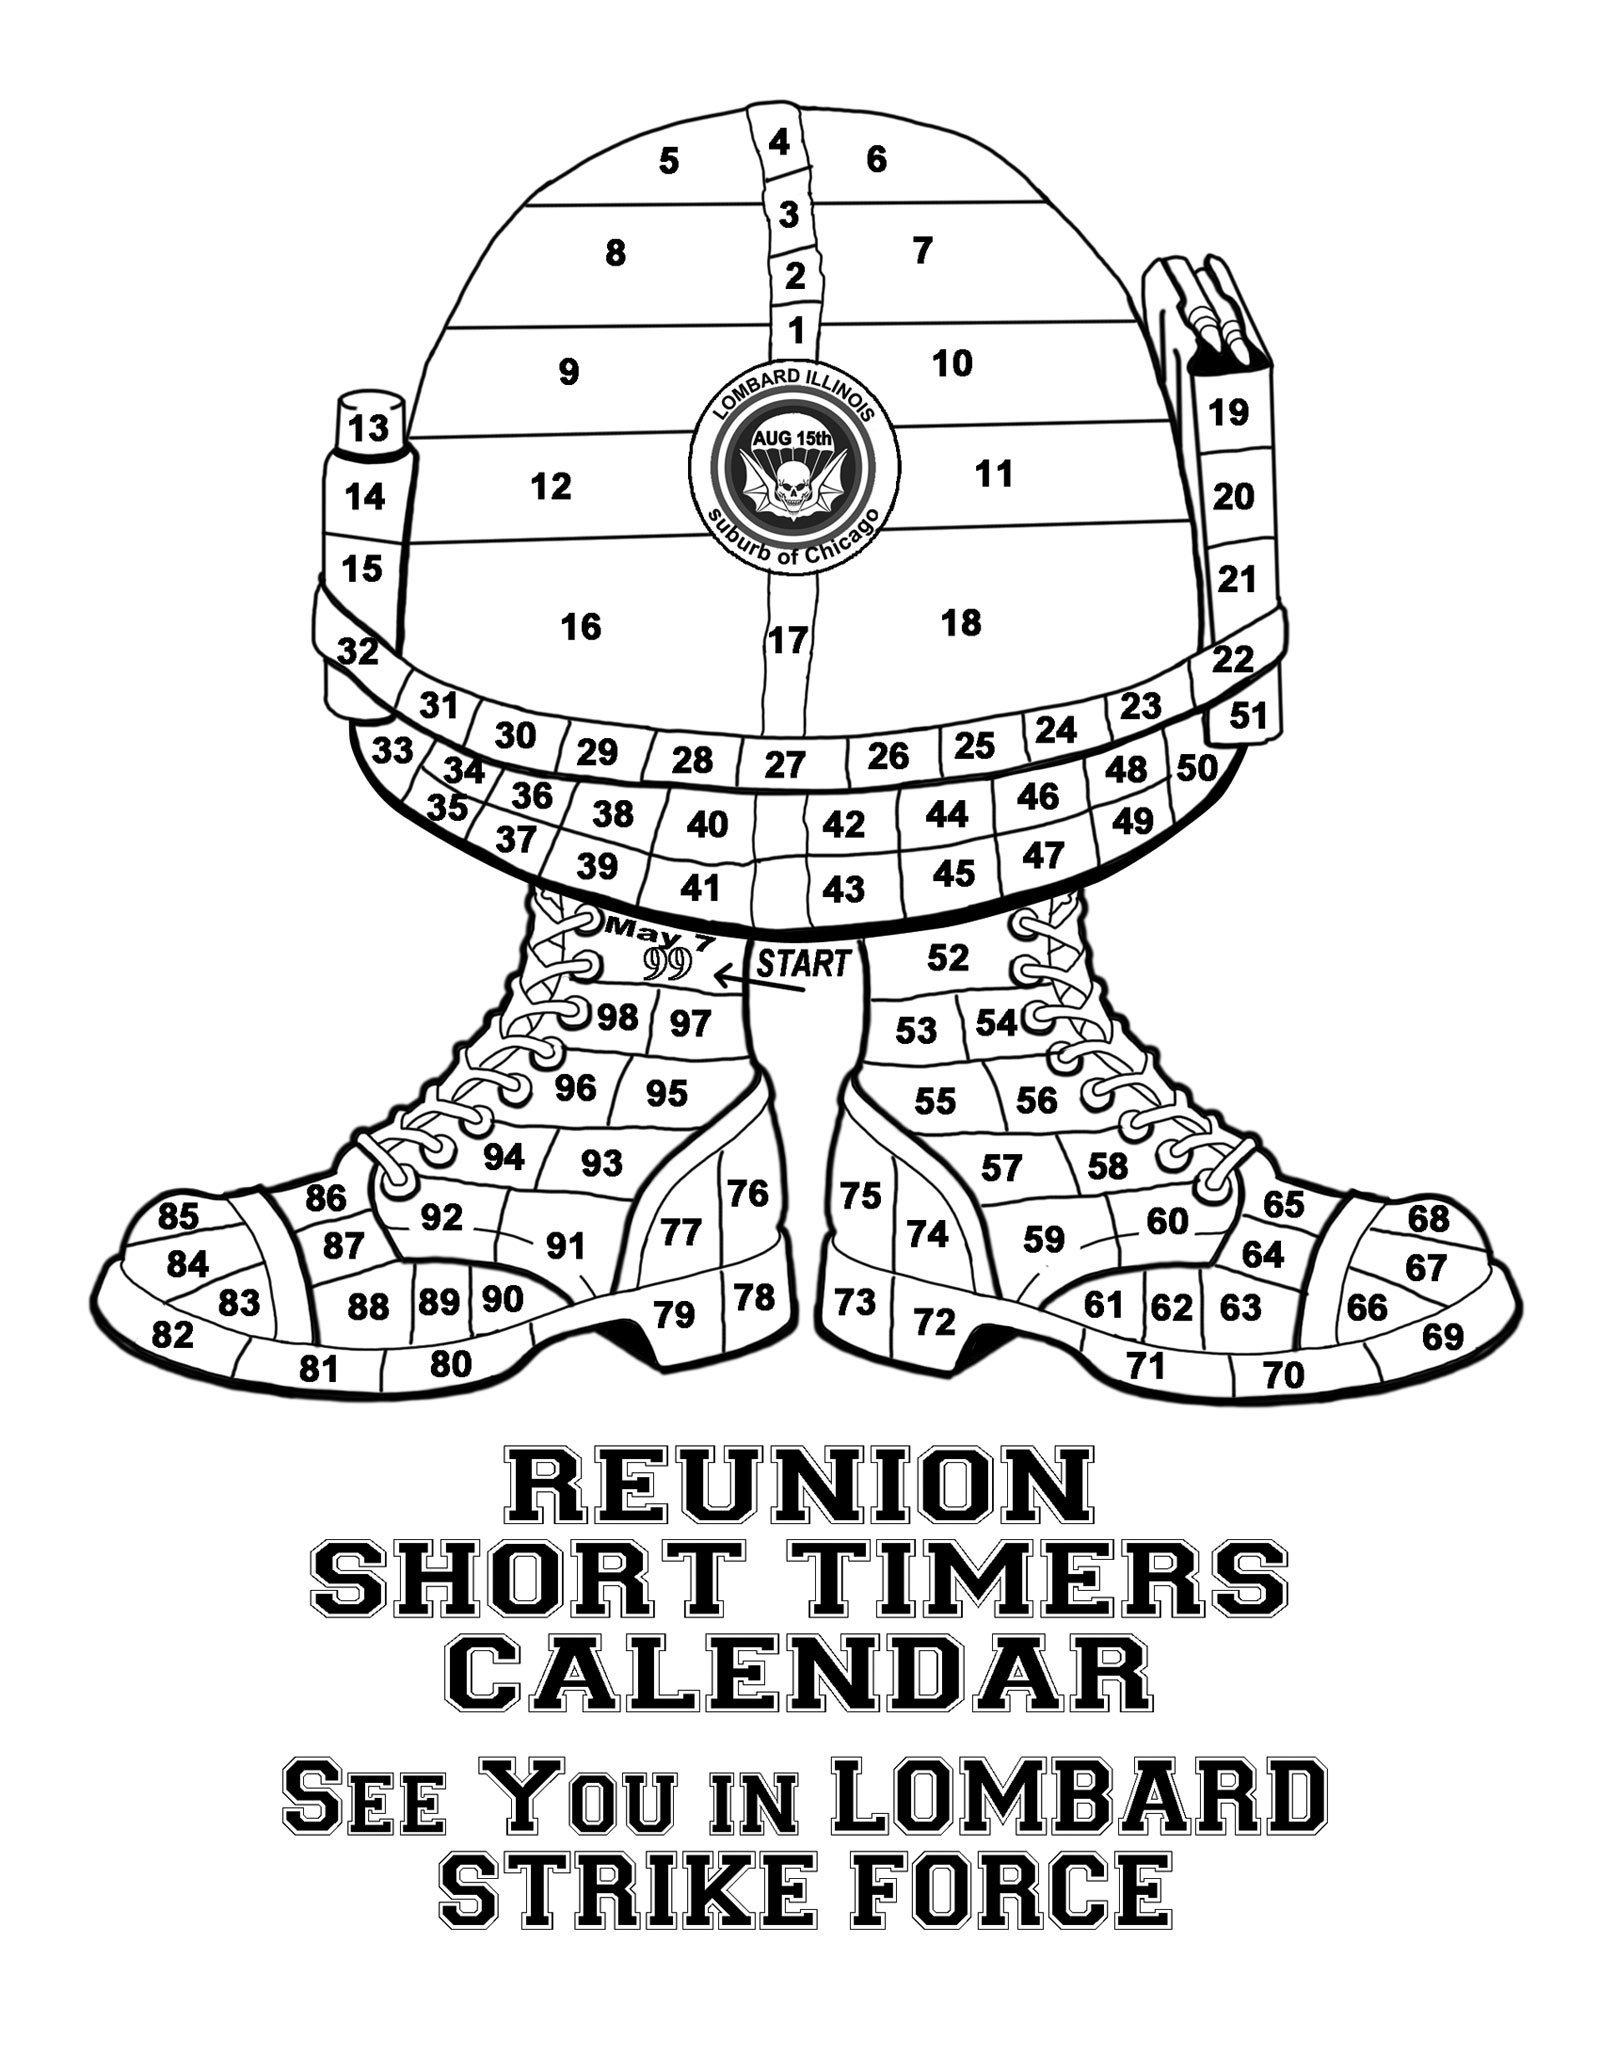 Short Timers Calendar Image | Calendar Template 2020 Hunk Short Timers Calendar